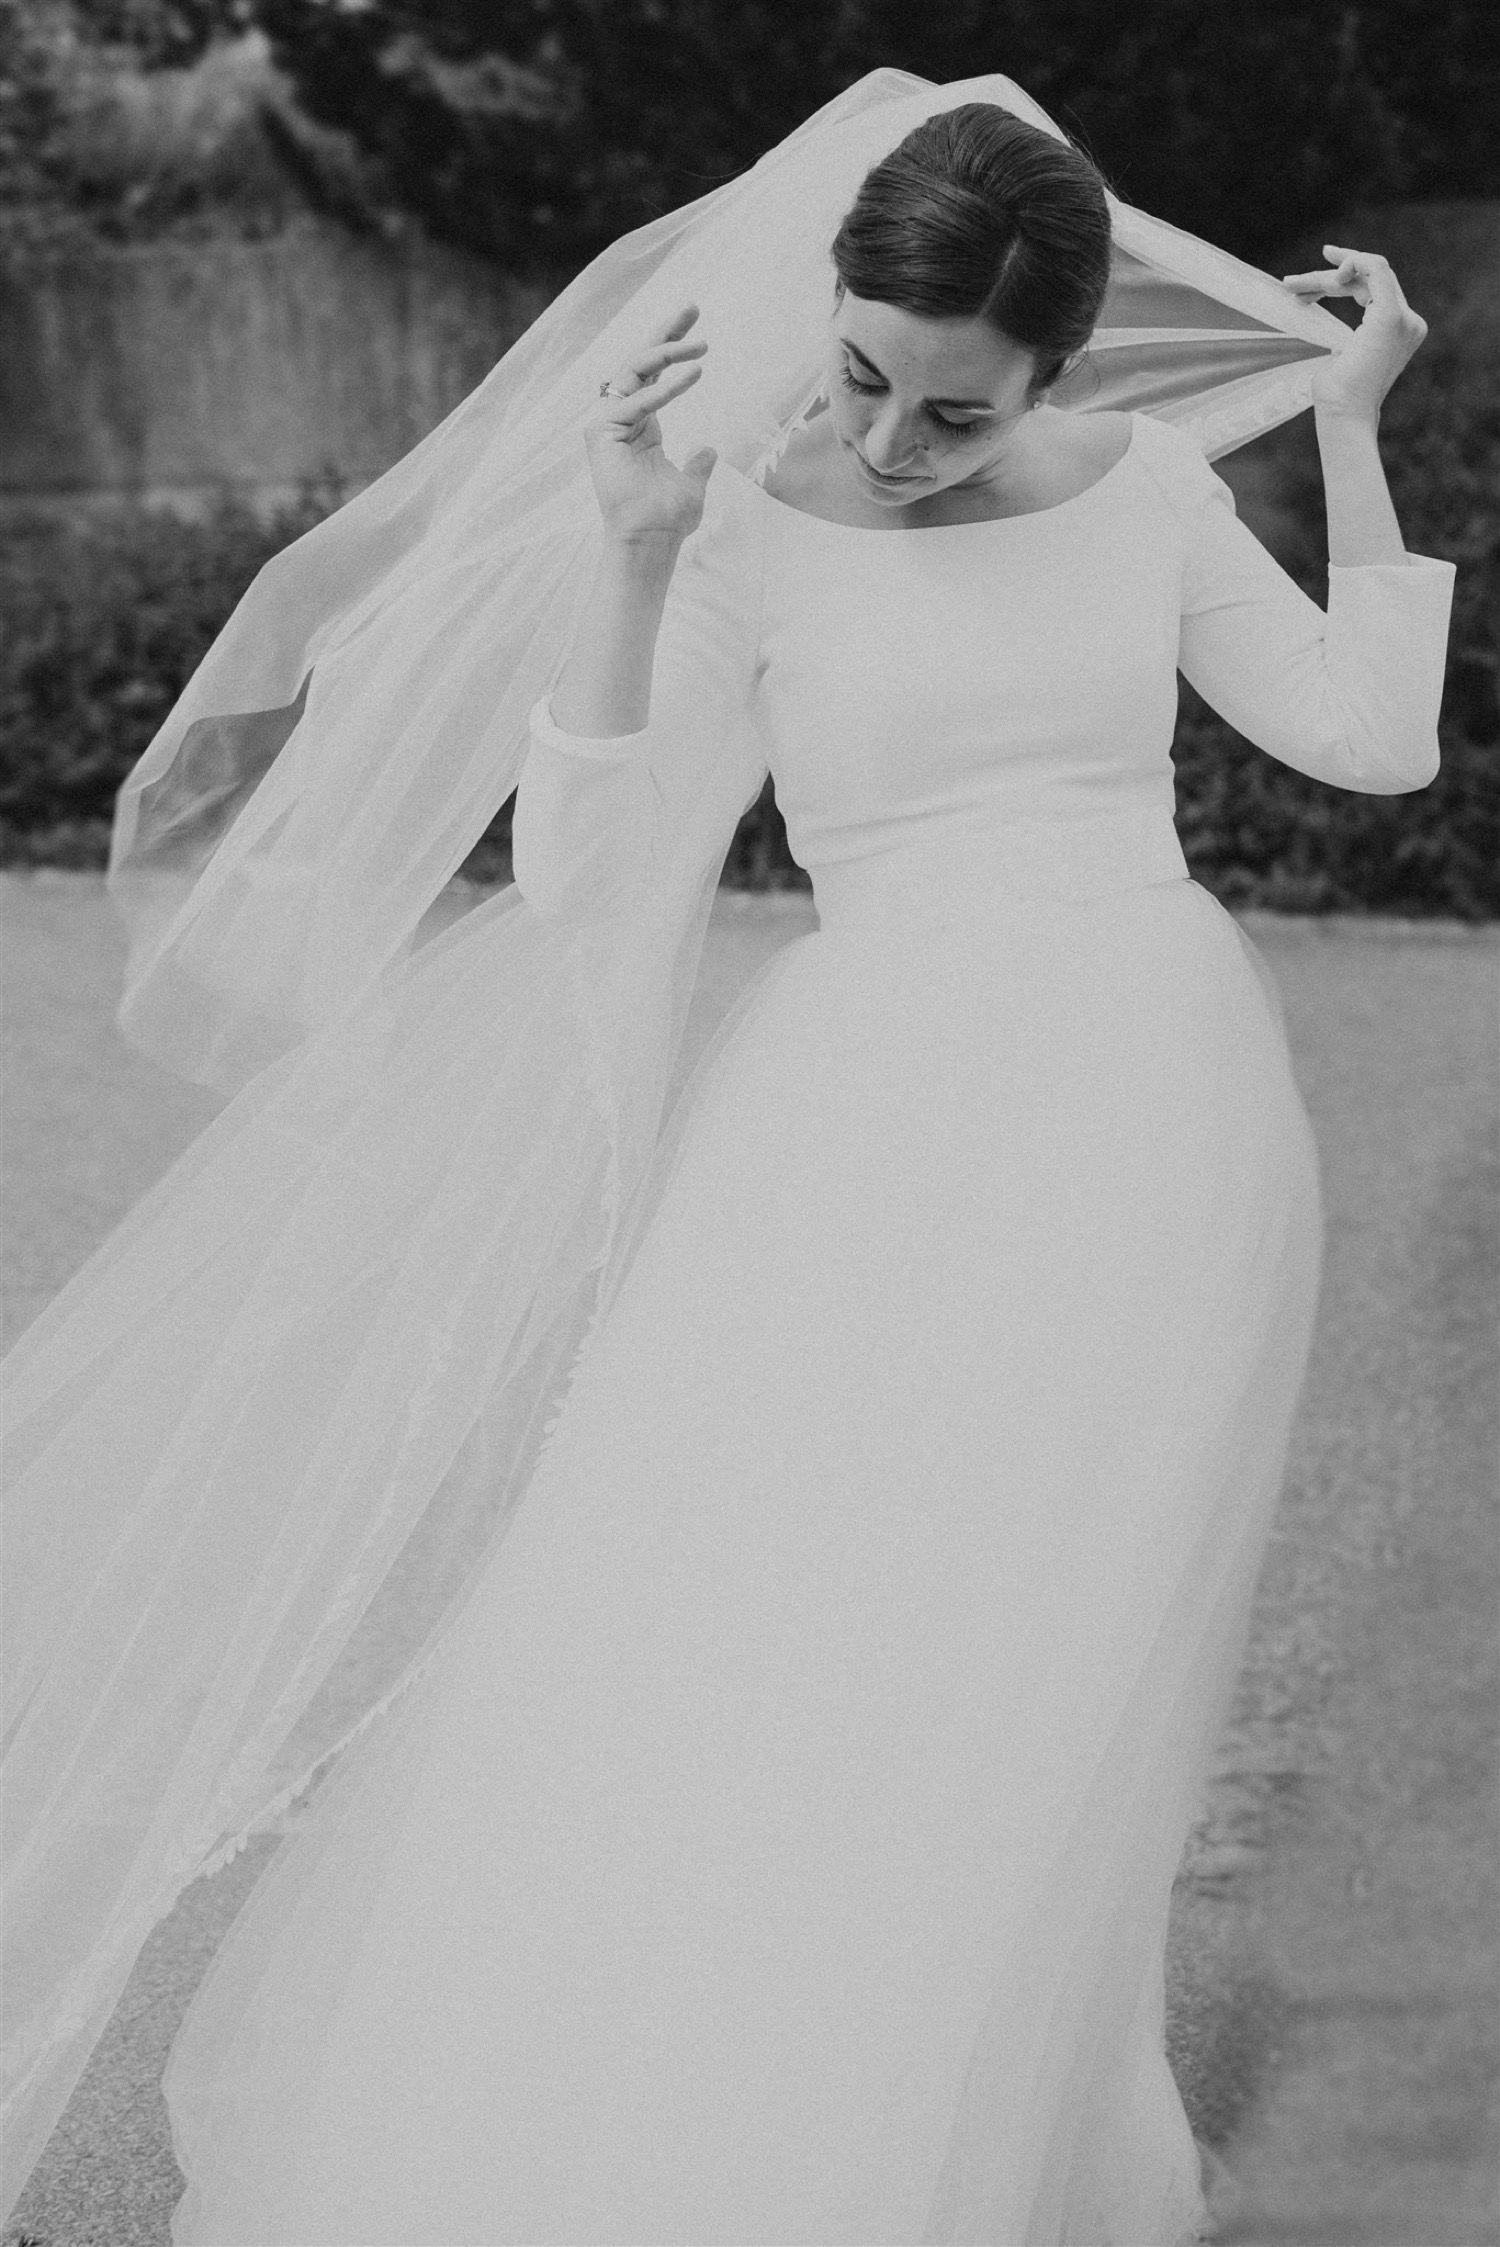 Katarina Fedora - Hochzeitsfotografin aus München - natürliche